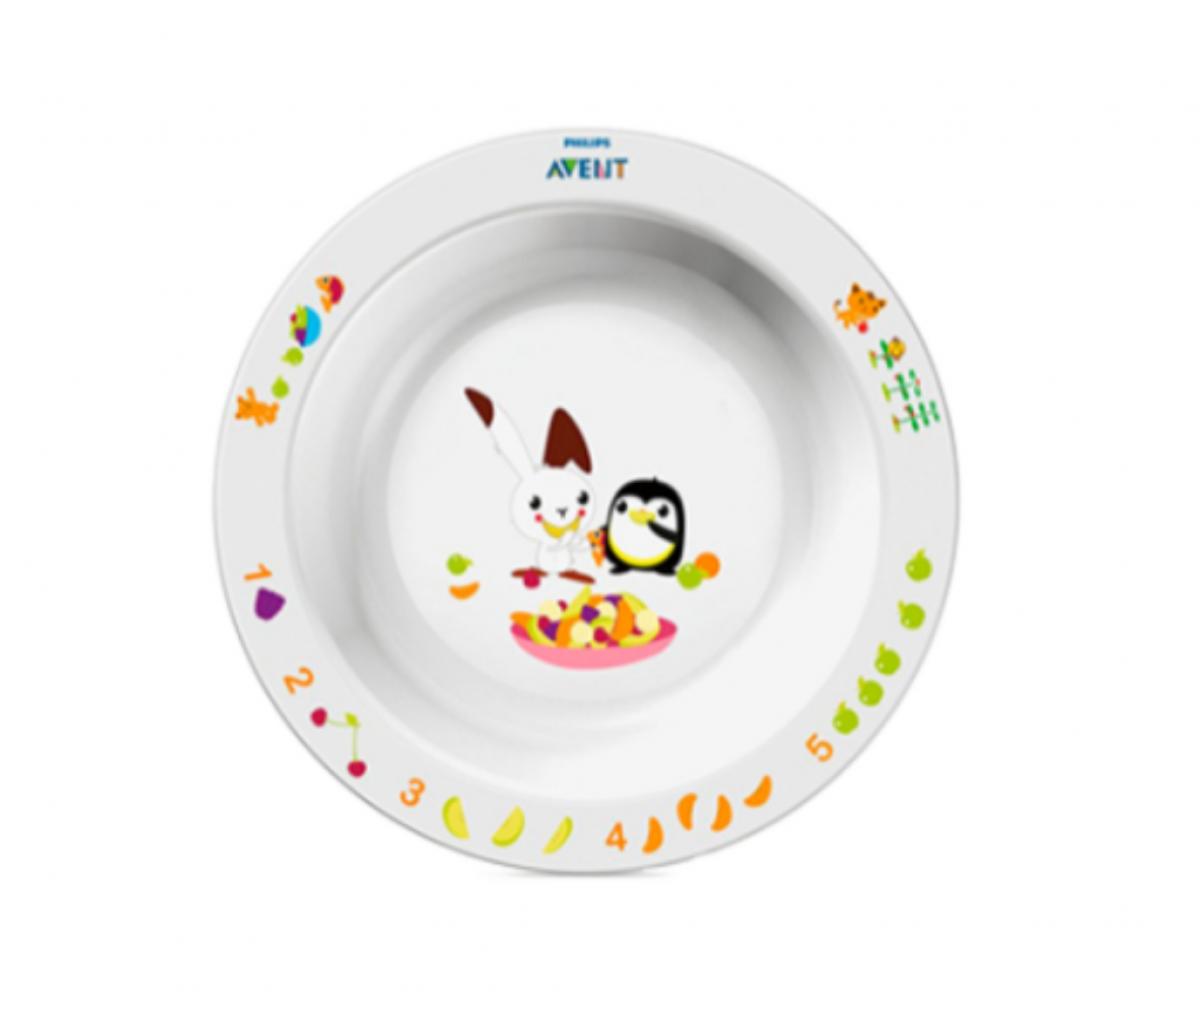 Avent Toddler Bowl 12m+ NEUTRAL SCF704/00